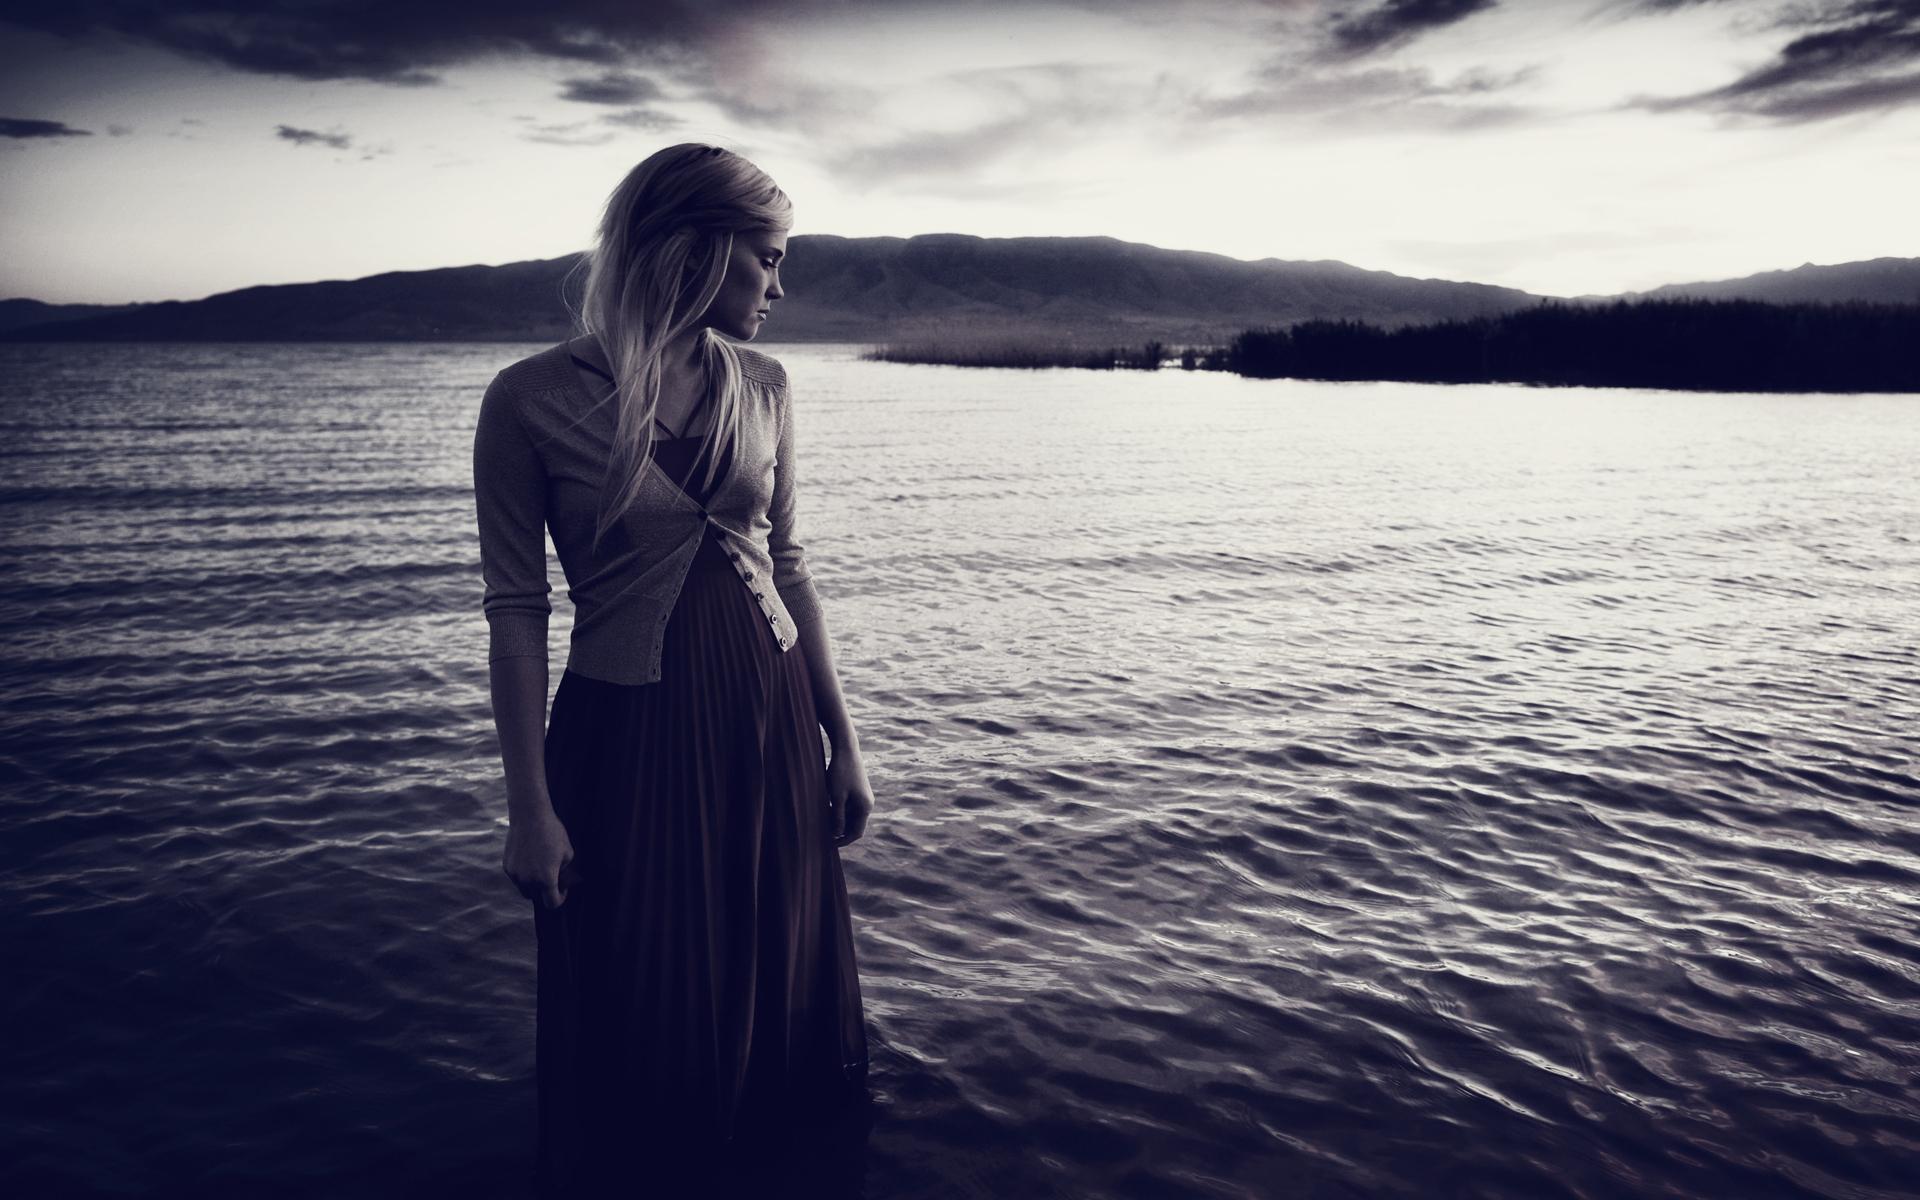 Зимние фото, картинки уходящая женщина грустные